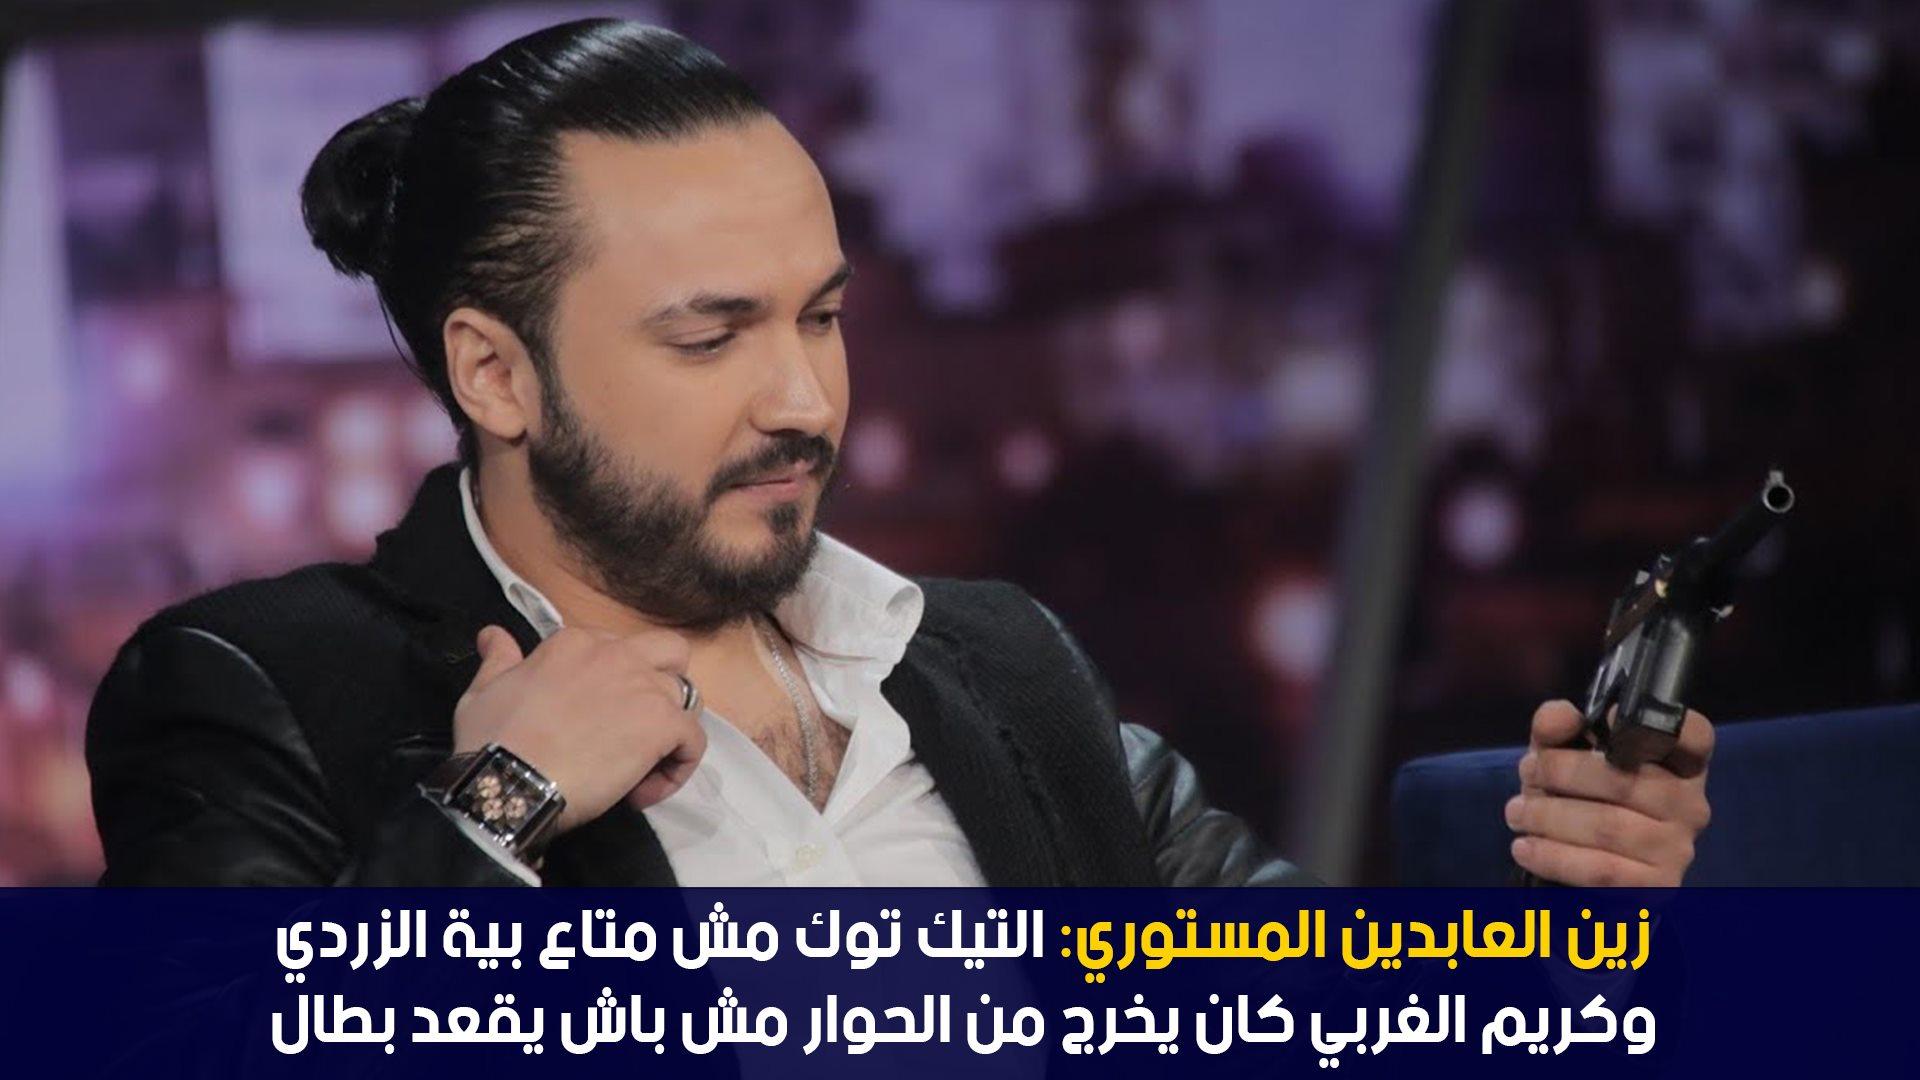 زين العابدين المستوري: التيك توك مش متاع بية الزردي وكريم الغربي كان يخرج من الحوار مش باش يقعد بطال